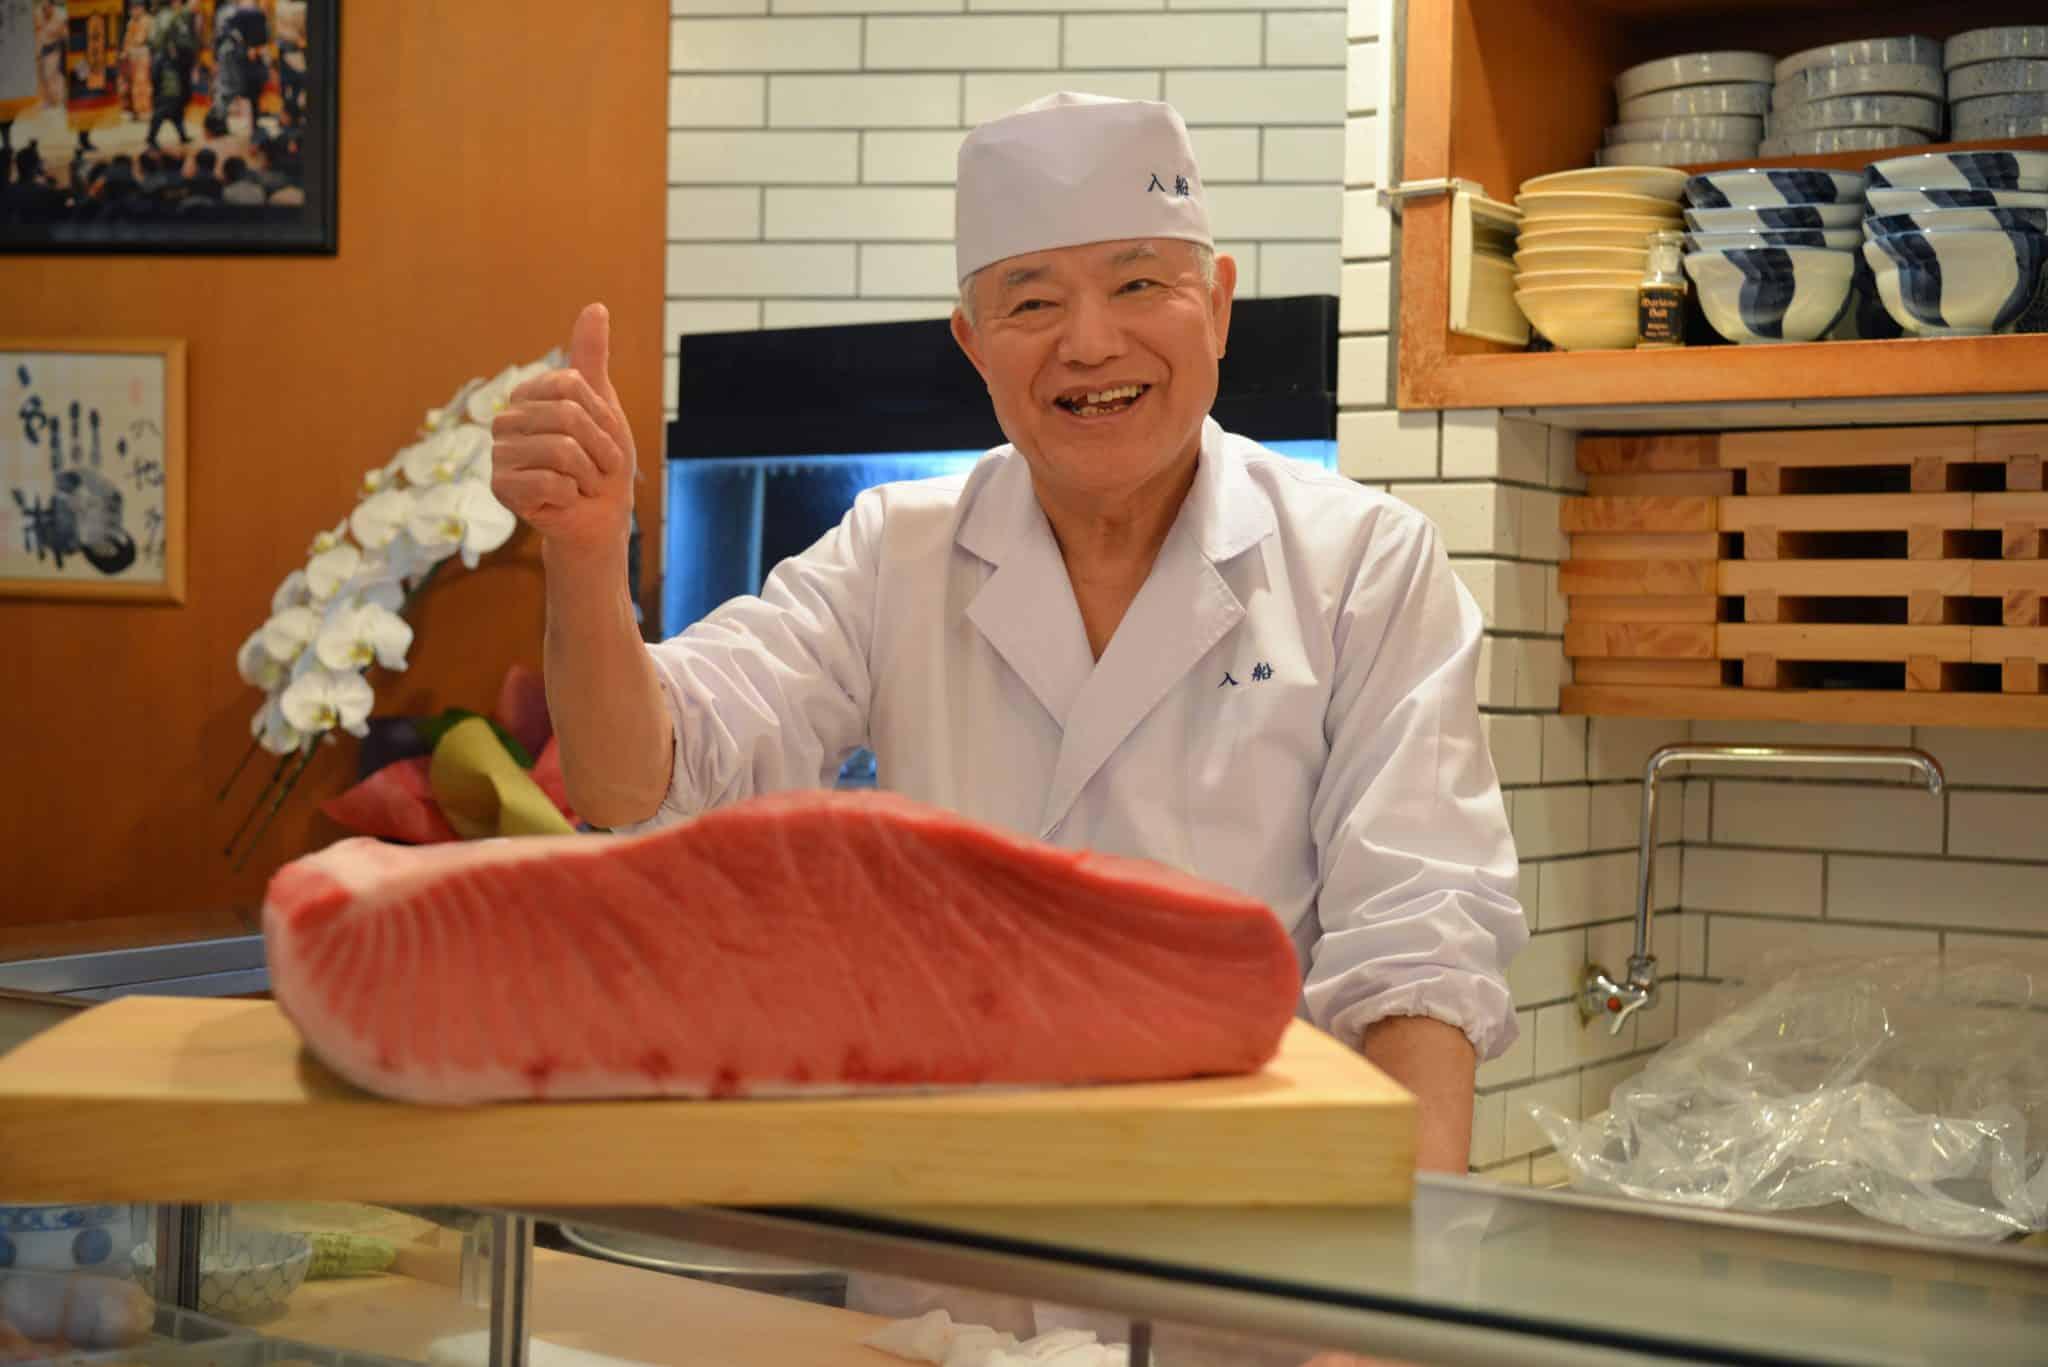 Irifume - Chef Honda